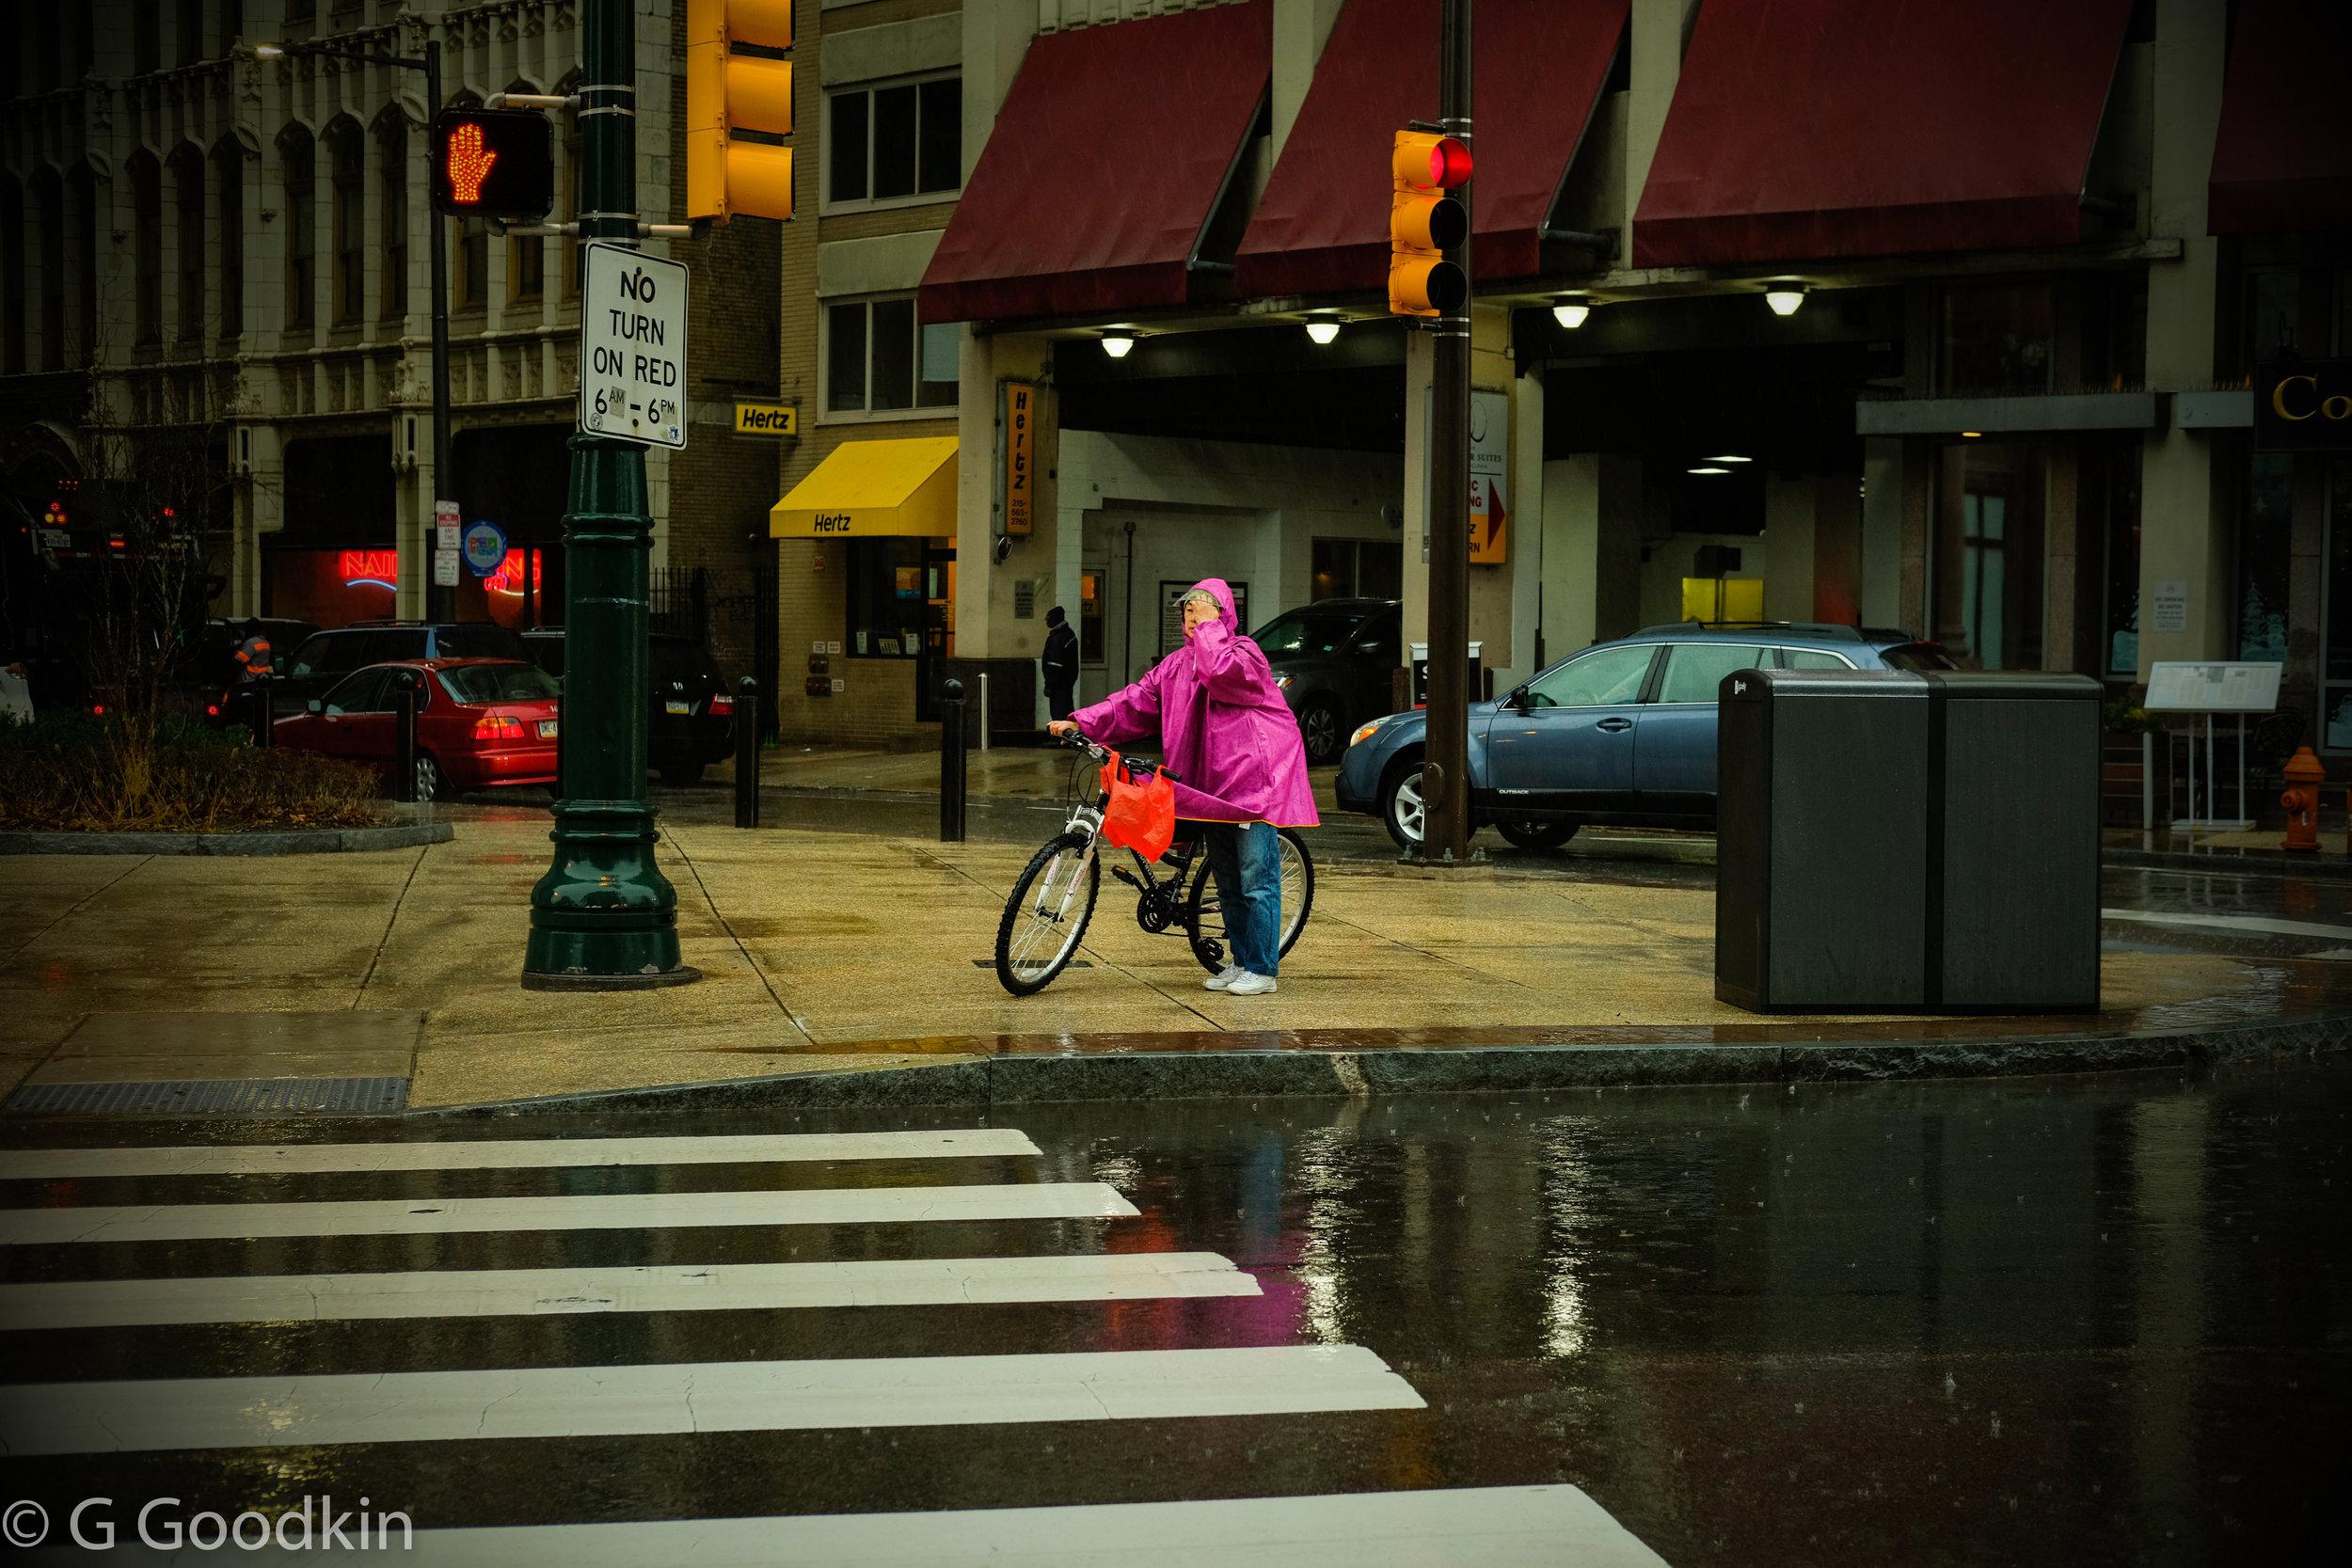 2018_01_12_philadelphia_street-27.jpg